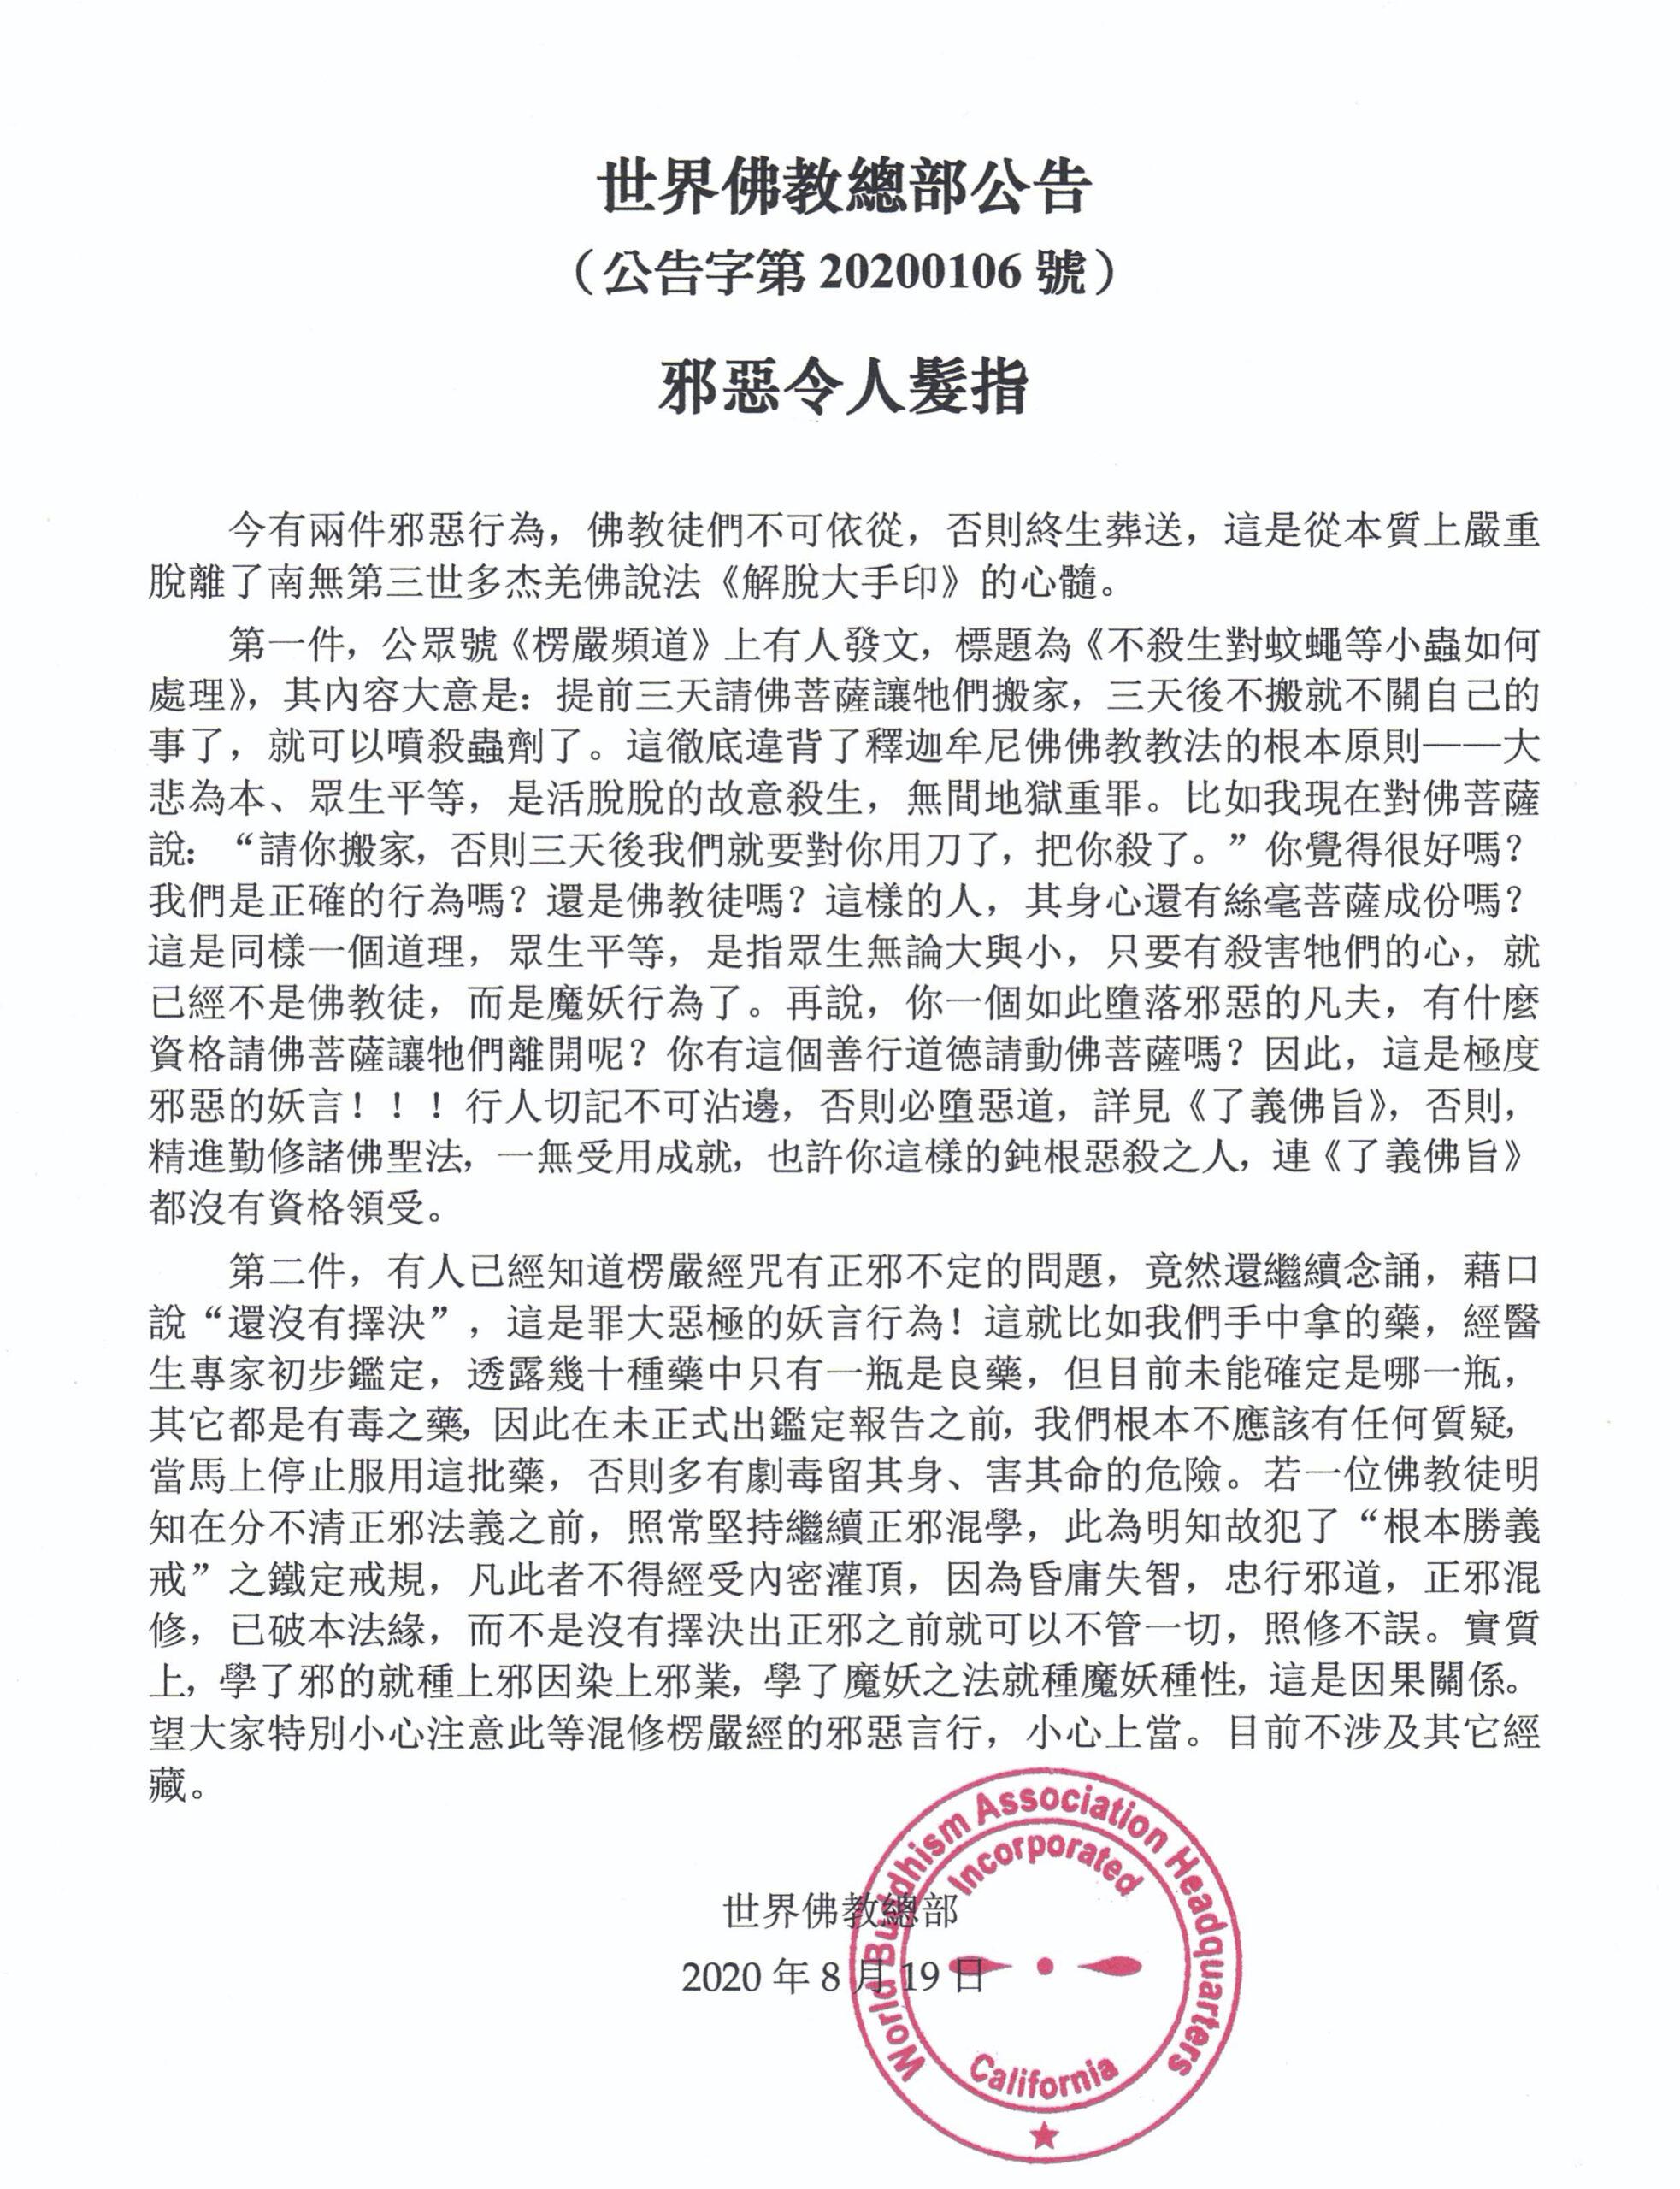 世界佛教總部公告(公告字第20200106號)-- 邪惡令人髮指-2